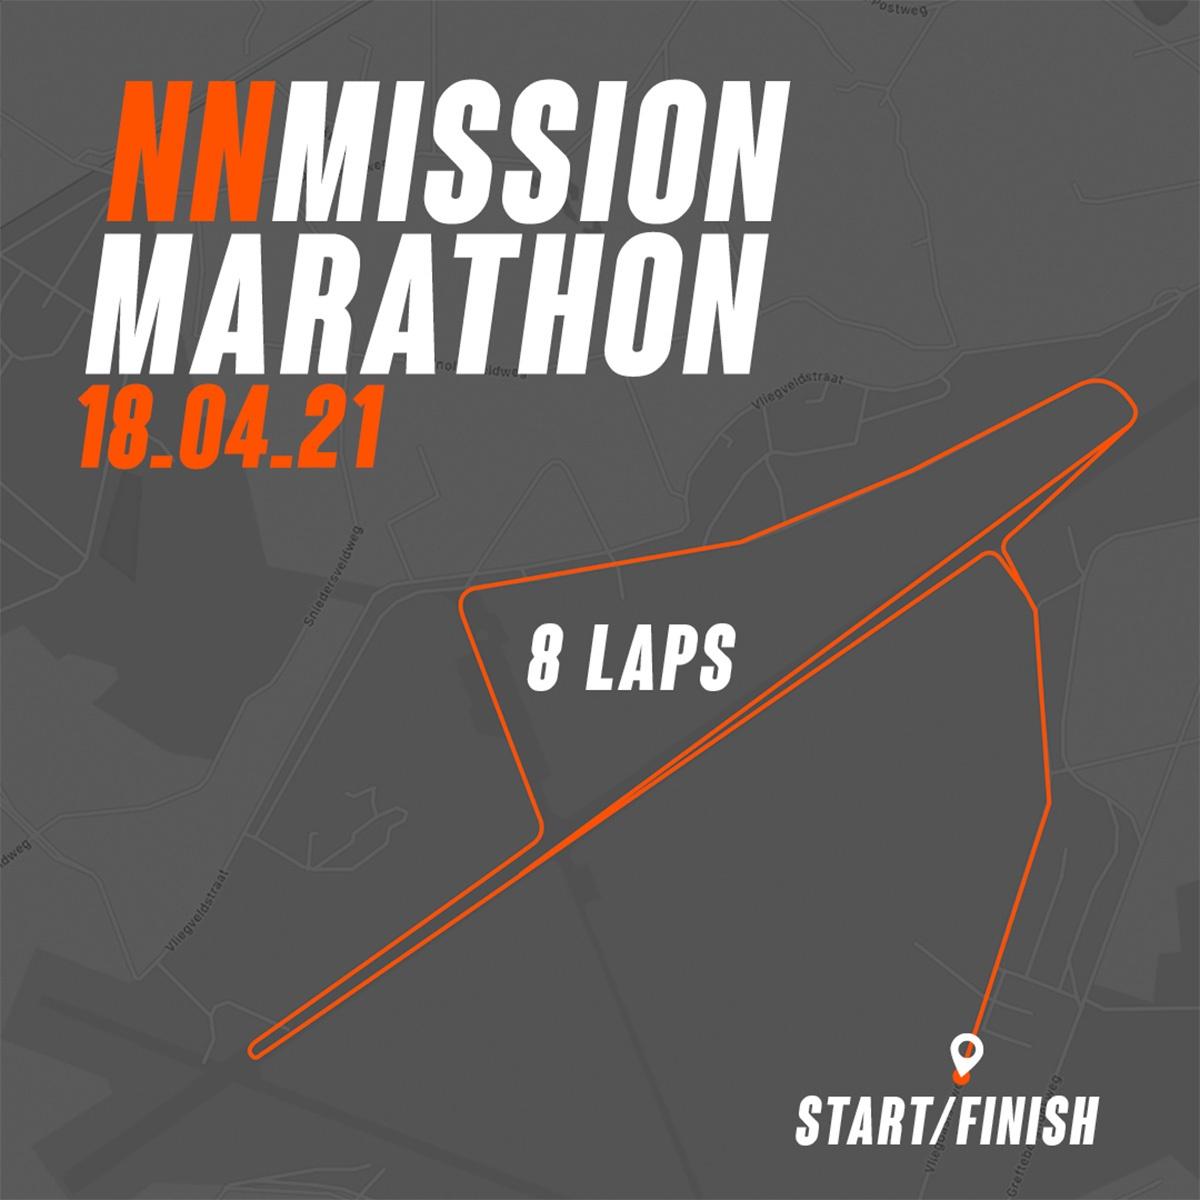 Ver en directo el NN Mission Marathon 2021 - foto 3